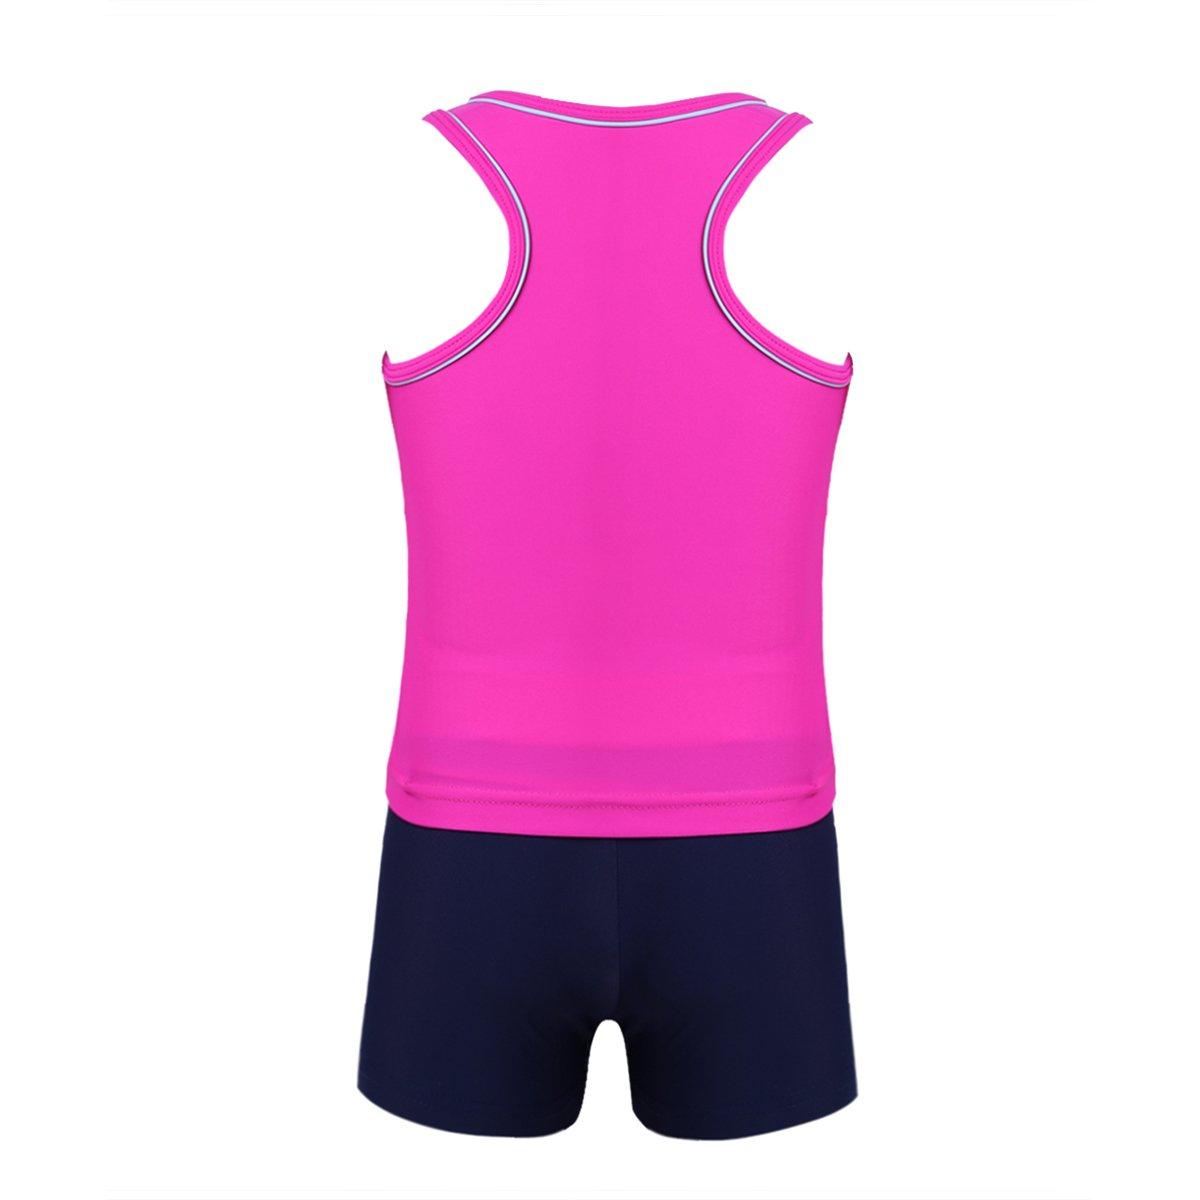 iEFiEL Little Girls Kids Summer Two Piece Boyshort Tops Tankini Kids Swimsuit Swimwear Set